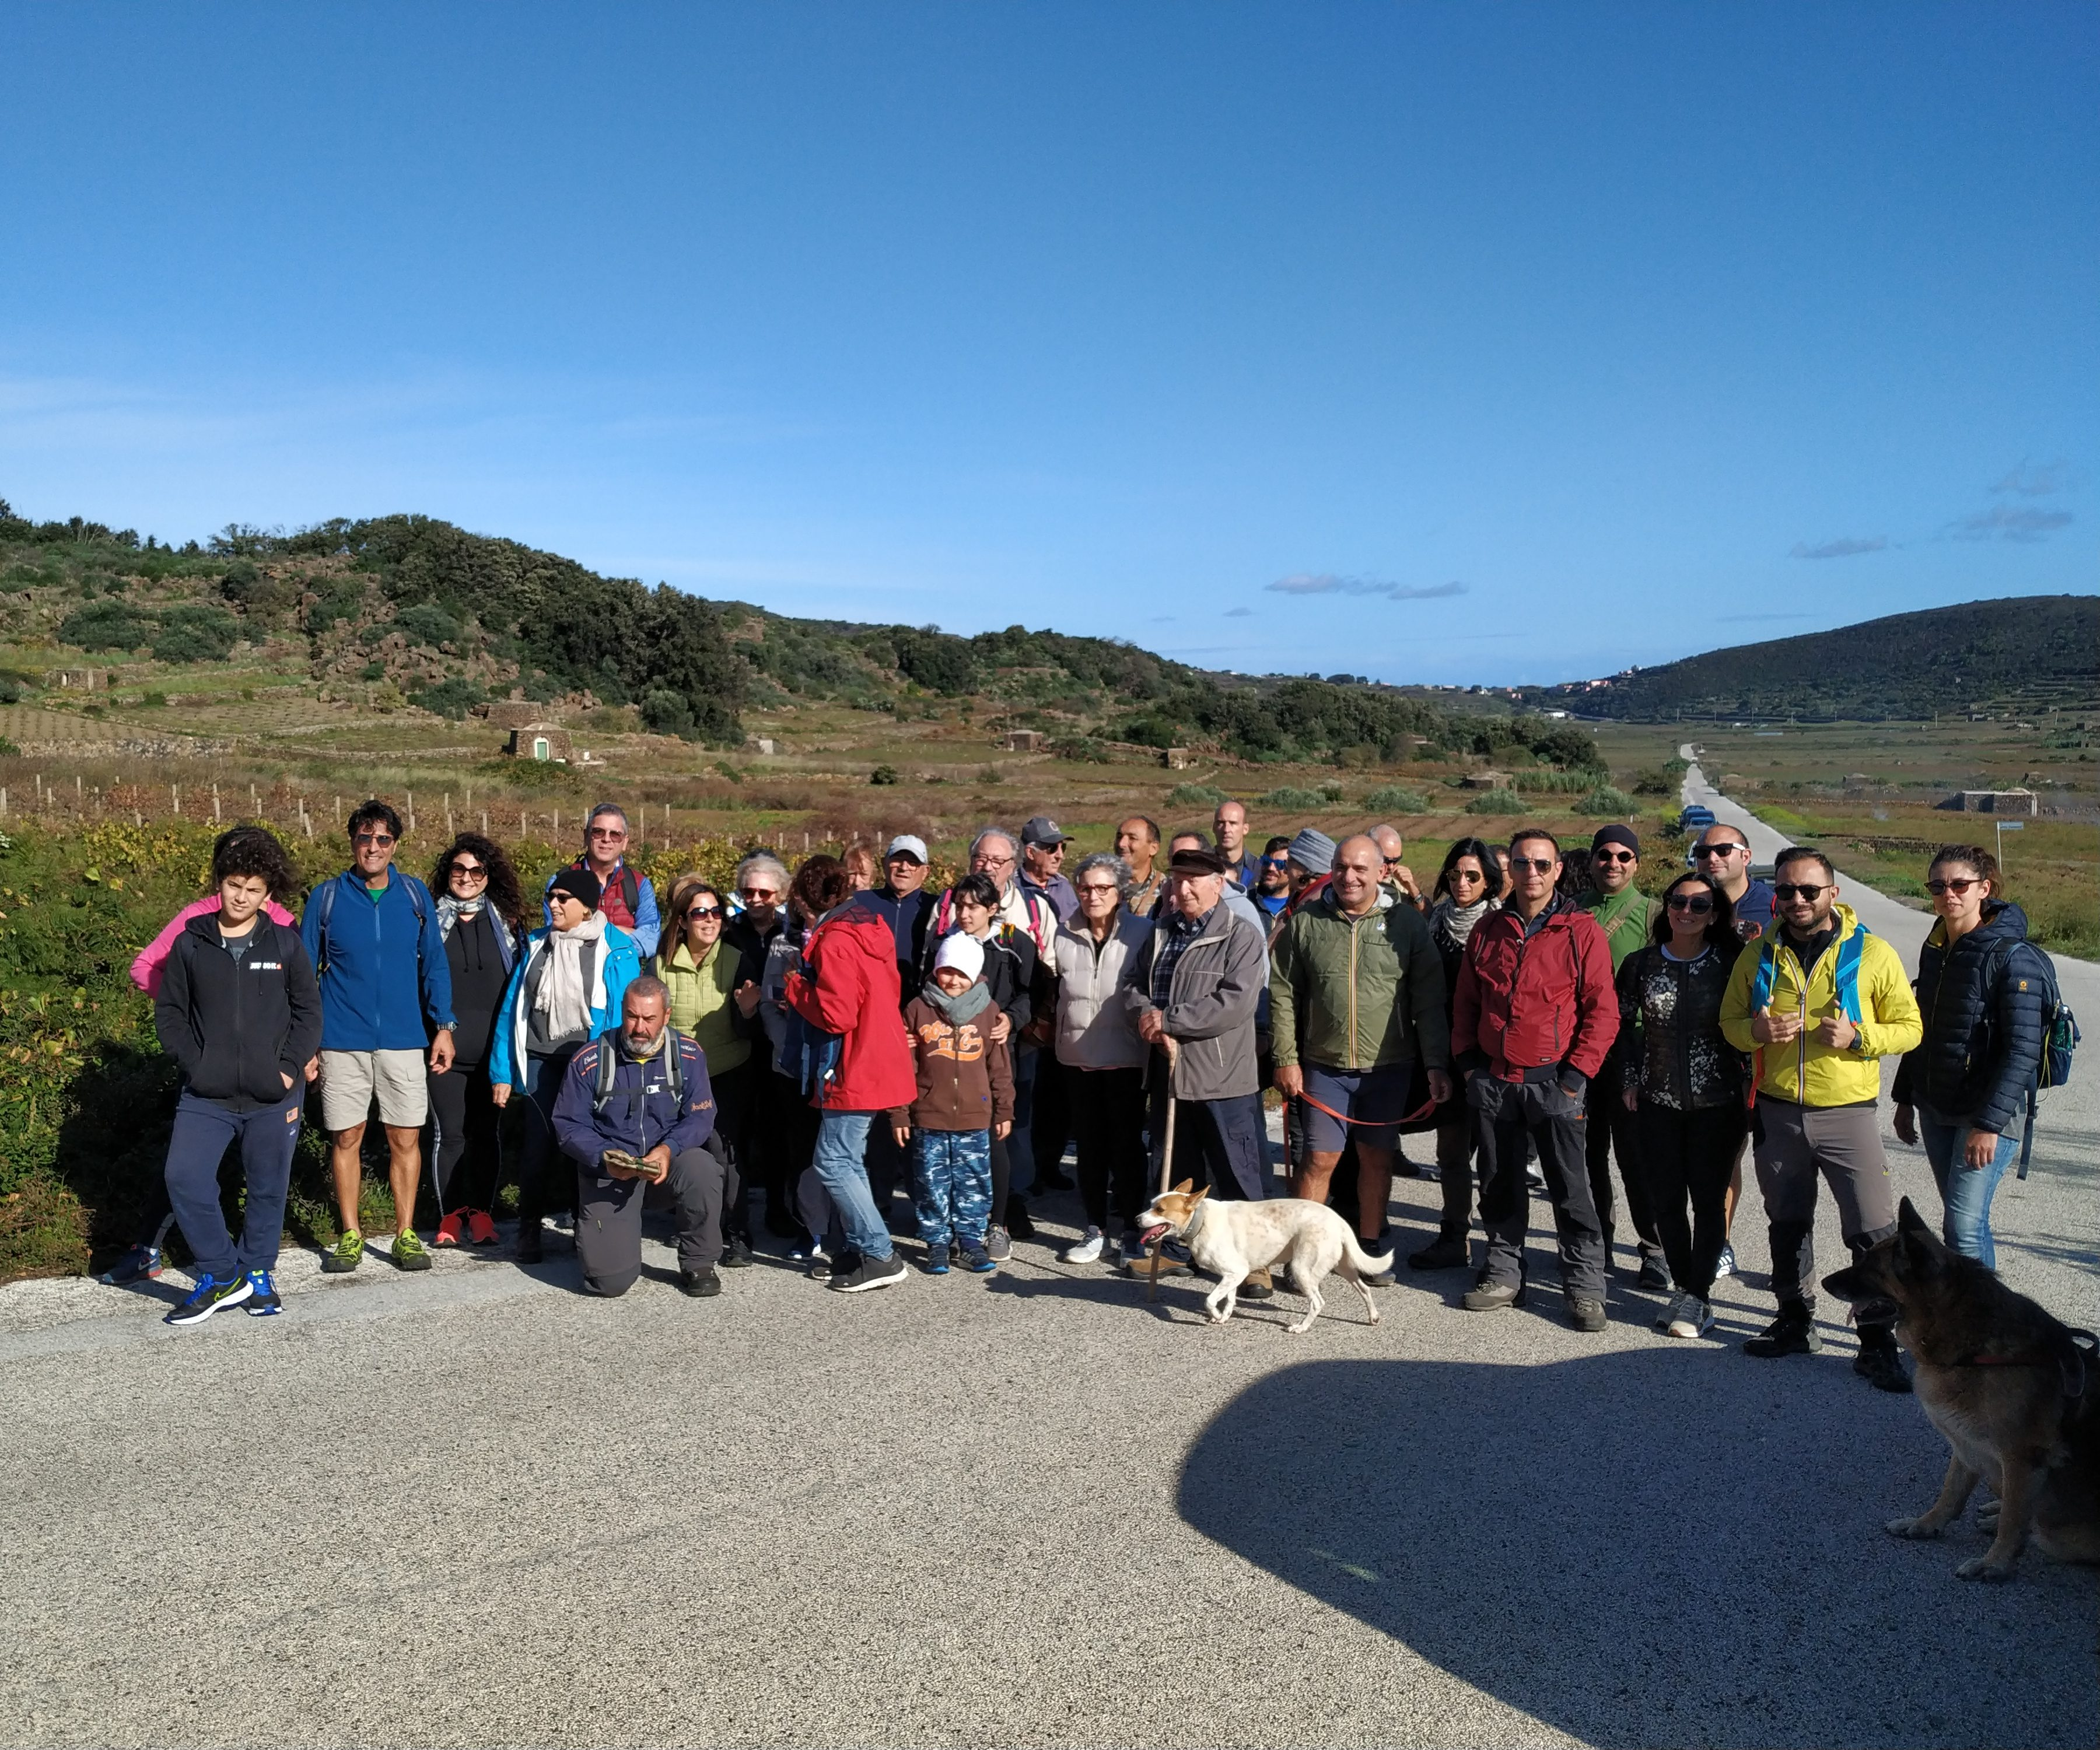 Il gruppo escursionistico poco prima di partire